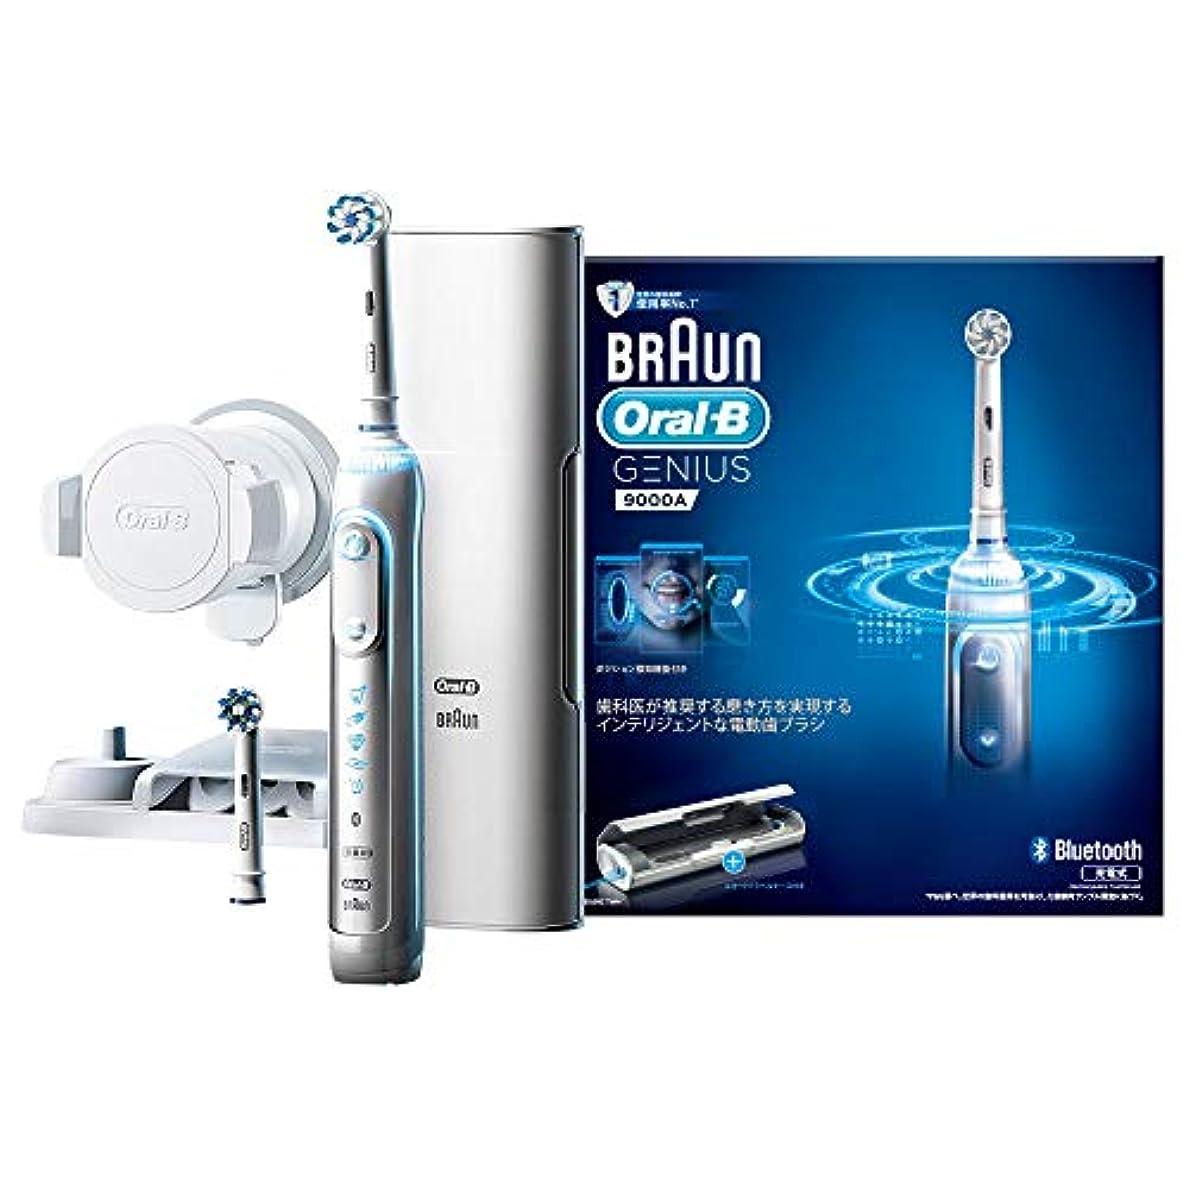 ぬれたオーロック特許ブラウン オーラルB 電動歯ブラシ ジーニアス9000 ホワイト D7015256XCTWH